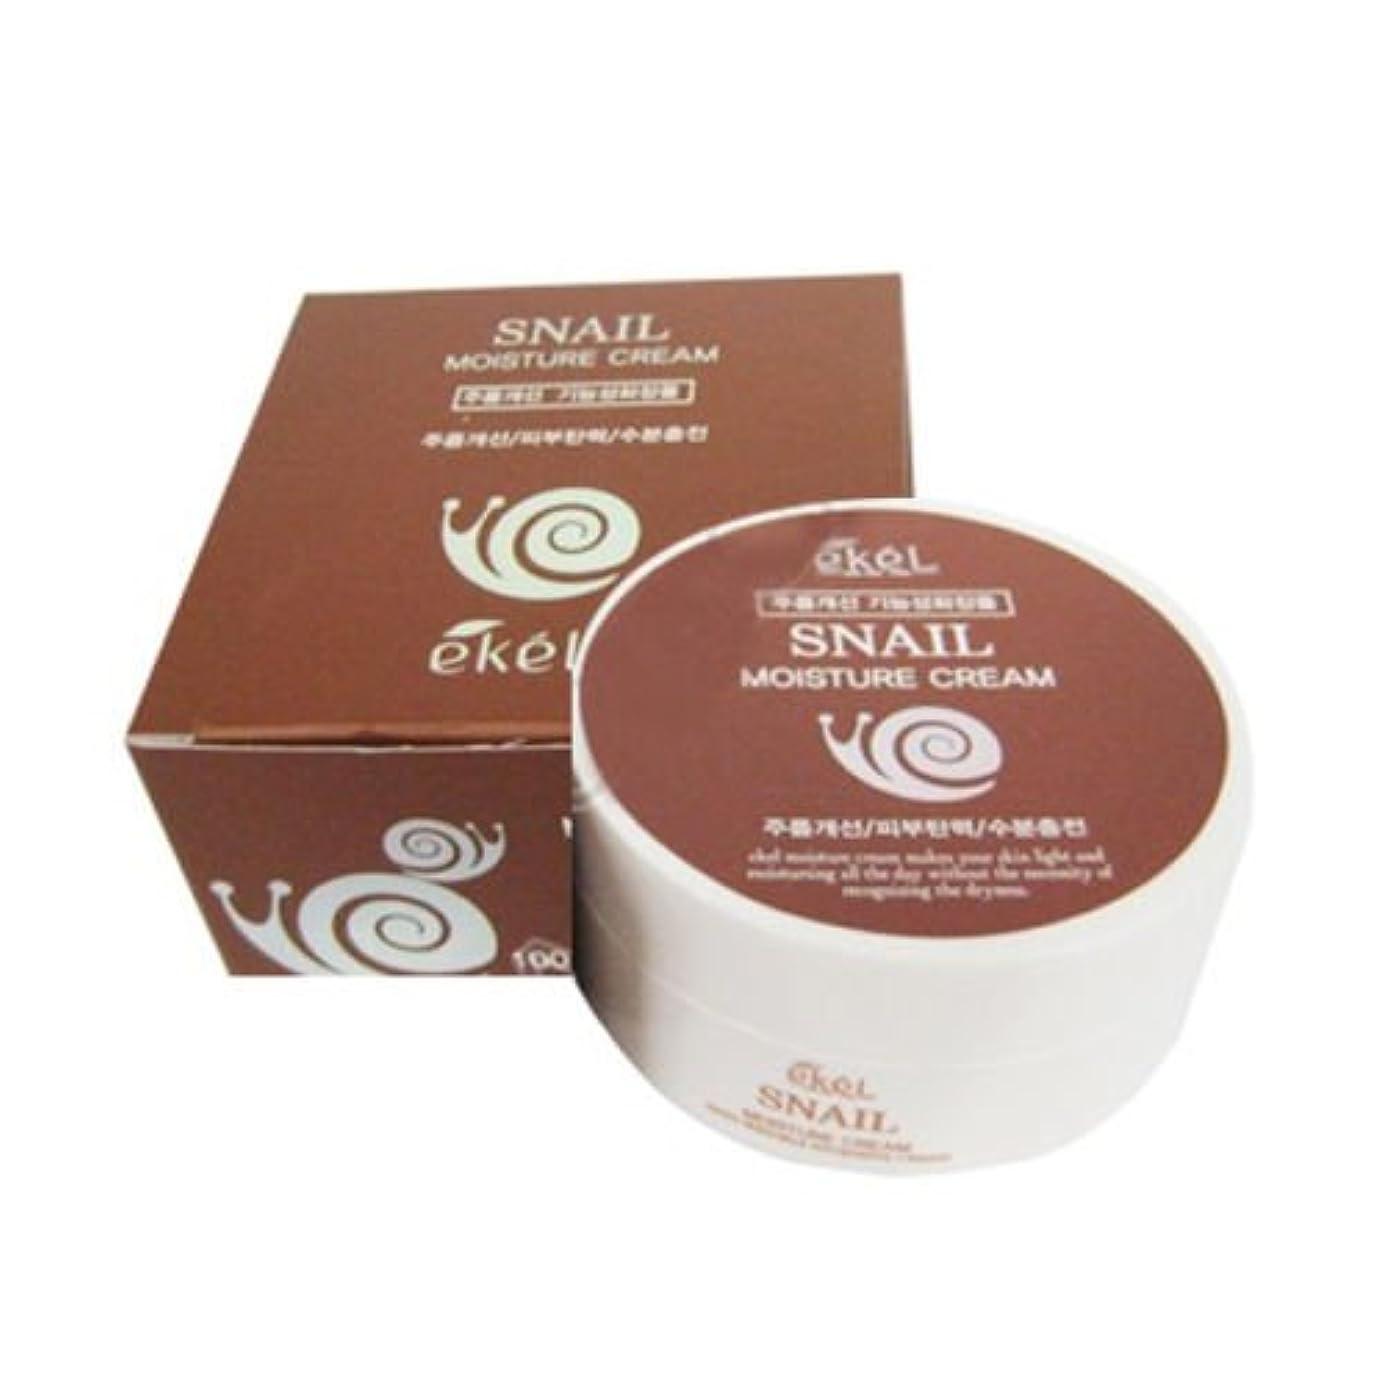 居心地の良い式メイエライケル[韓国コスメEkel]Snail Moisture Cream カタツムリモイスチャークリーム100g [並行輸入品]